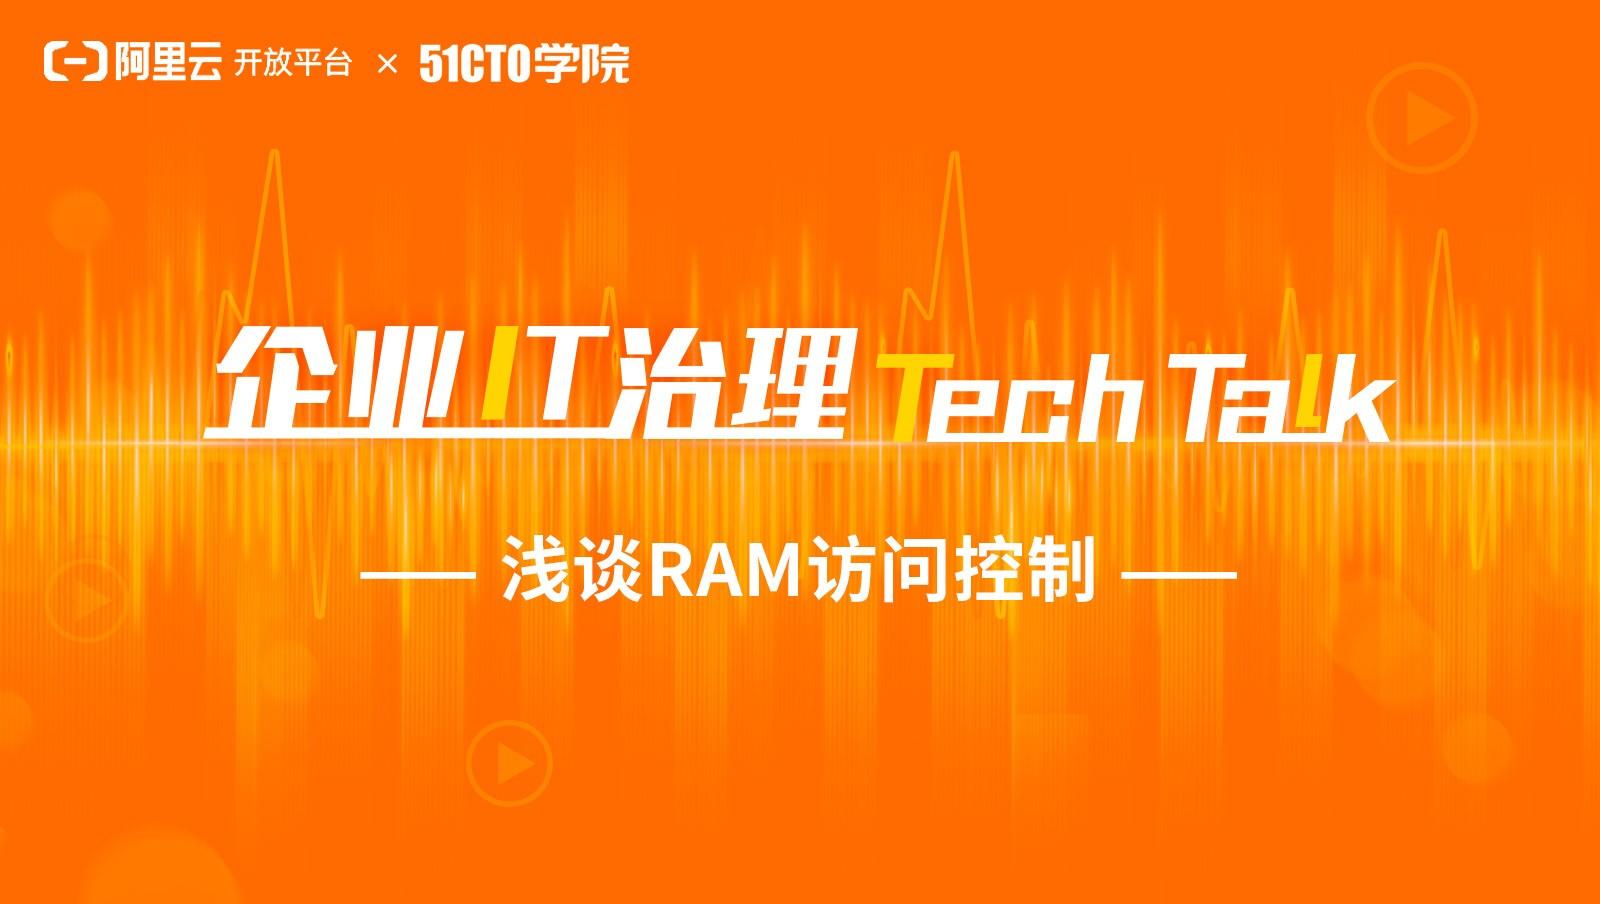 阿里云企业IT治理 Tech Talk - 浅谈RAM访问控制